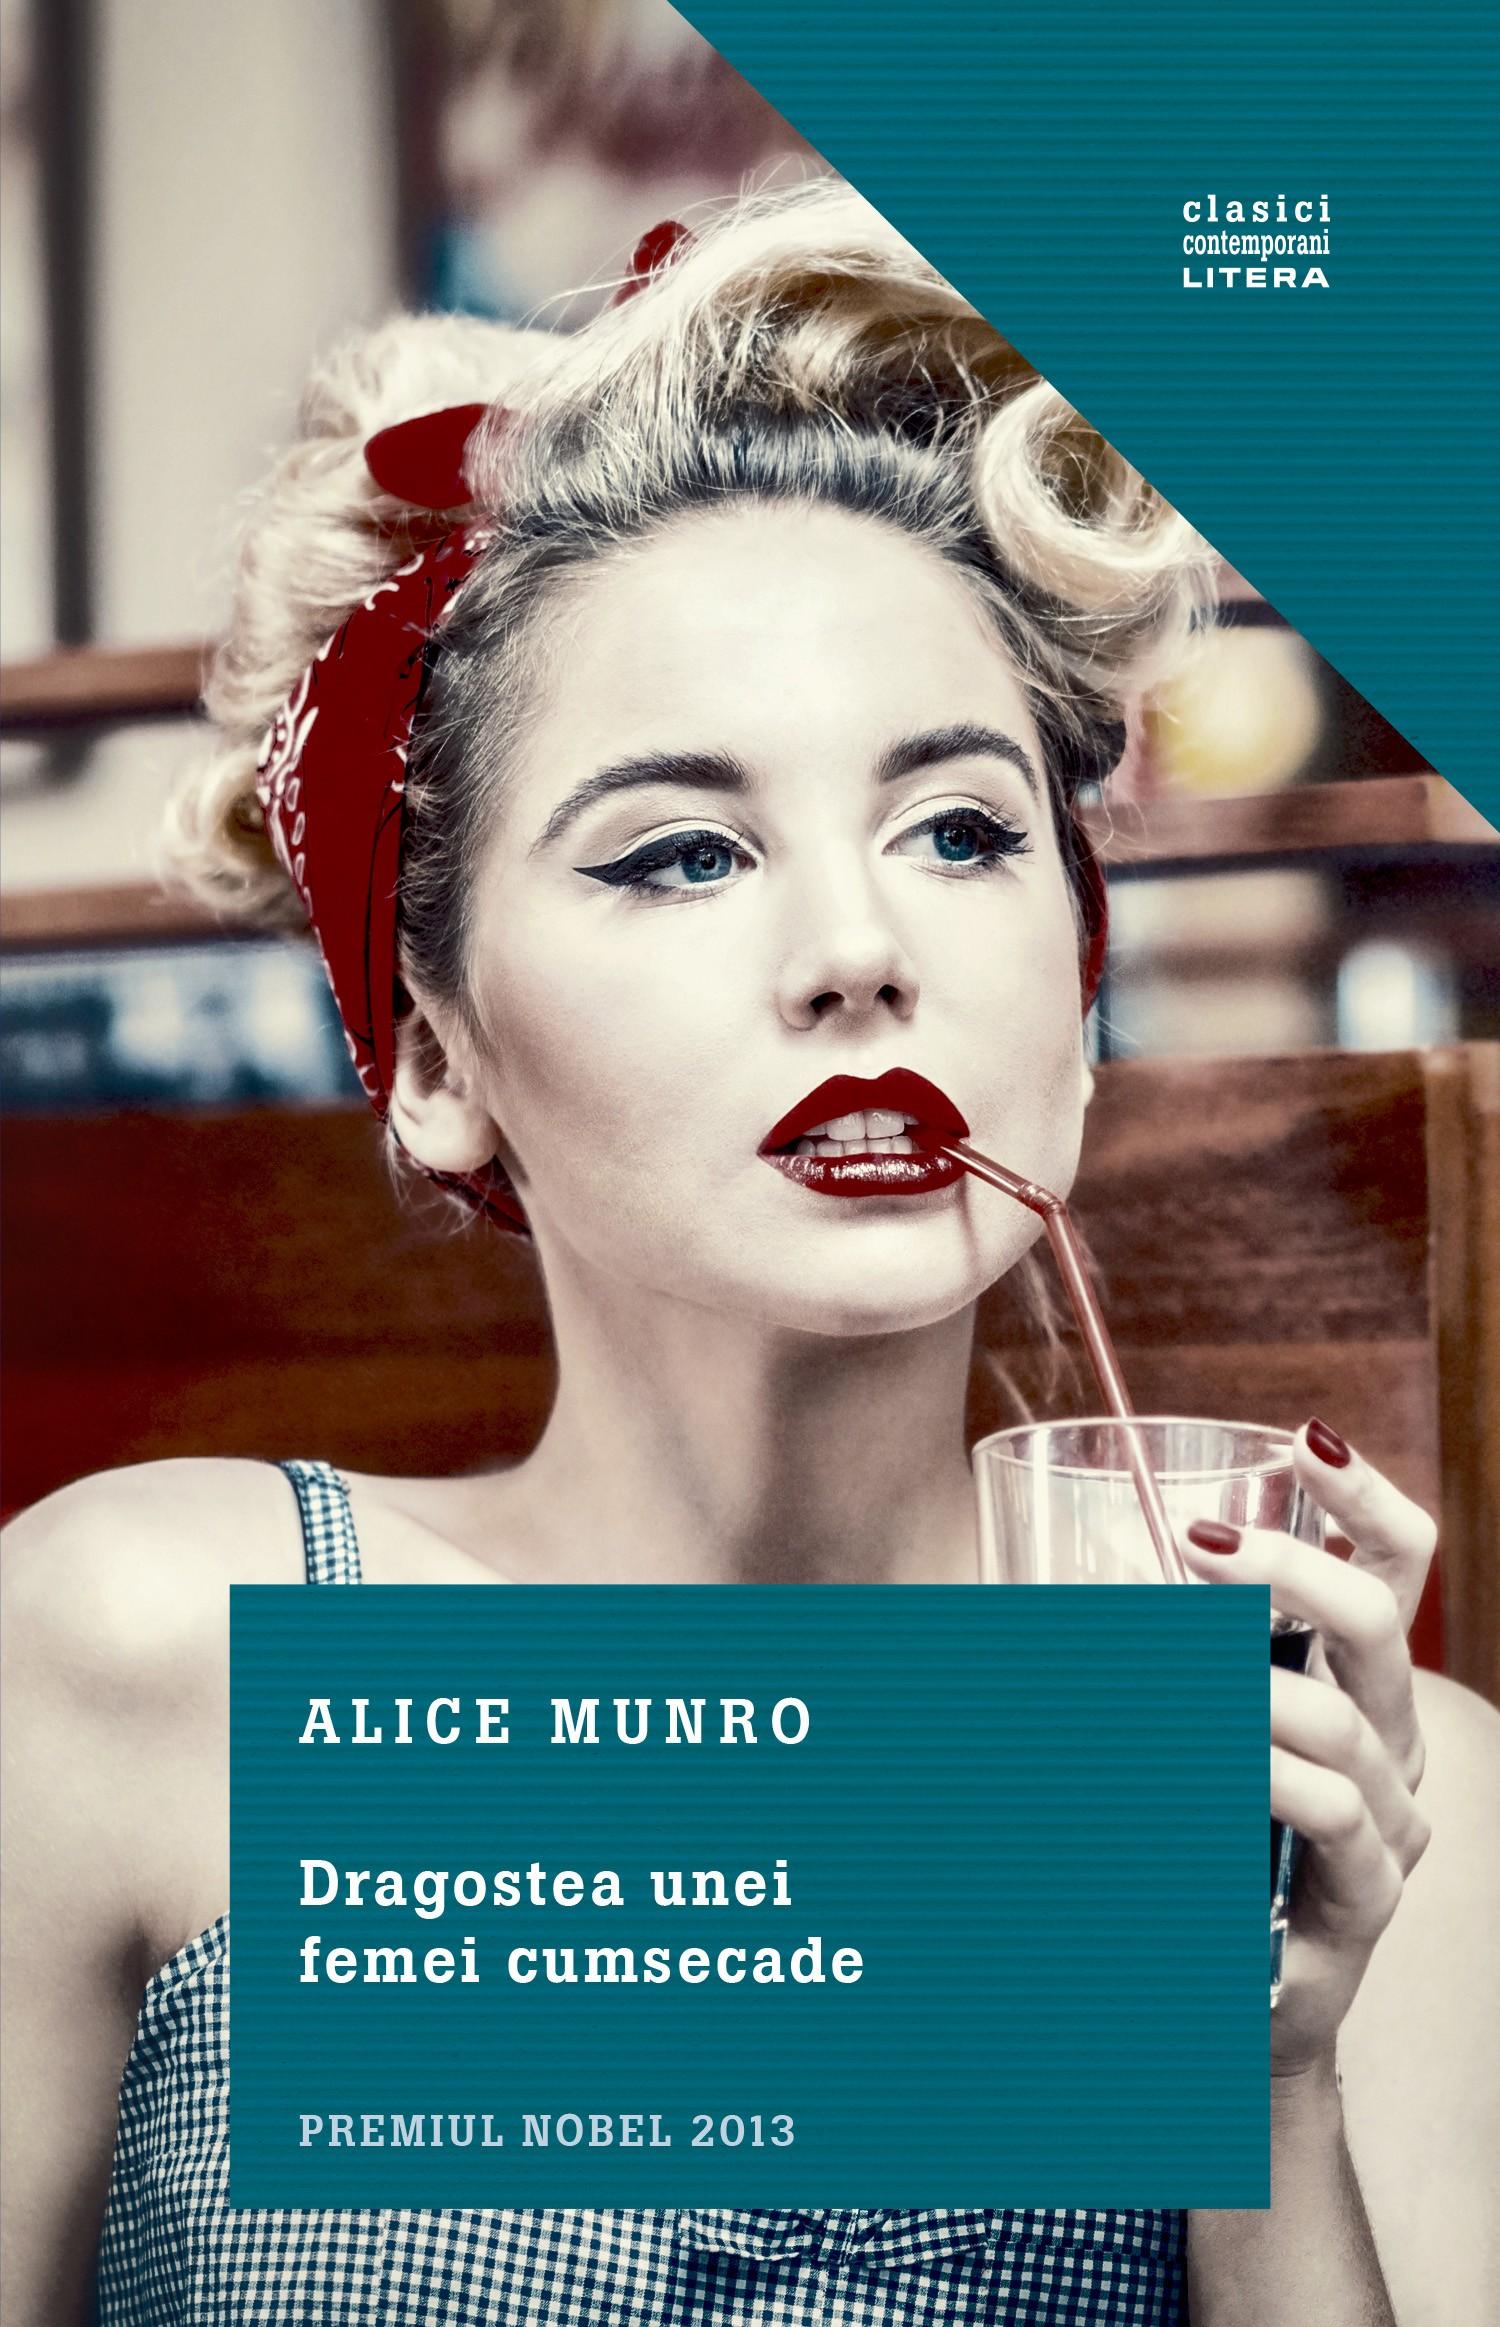 Dragostea unei femei cumsecade | Alice Munro